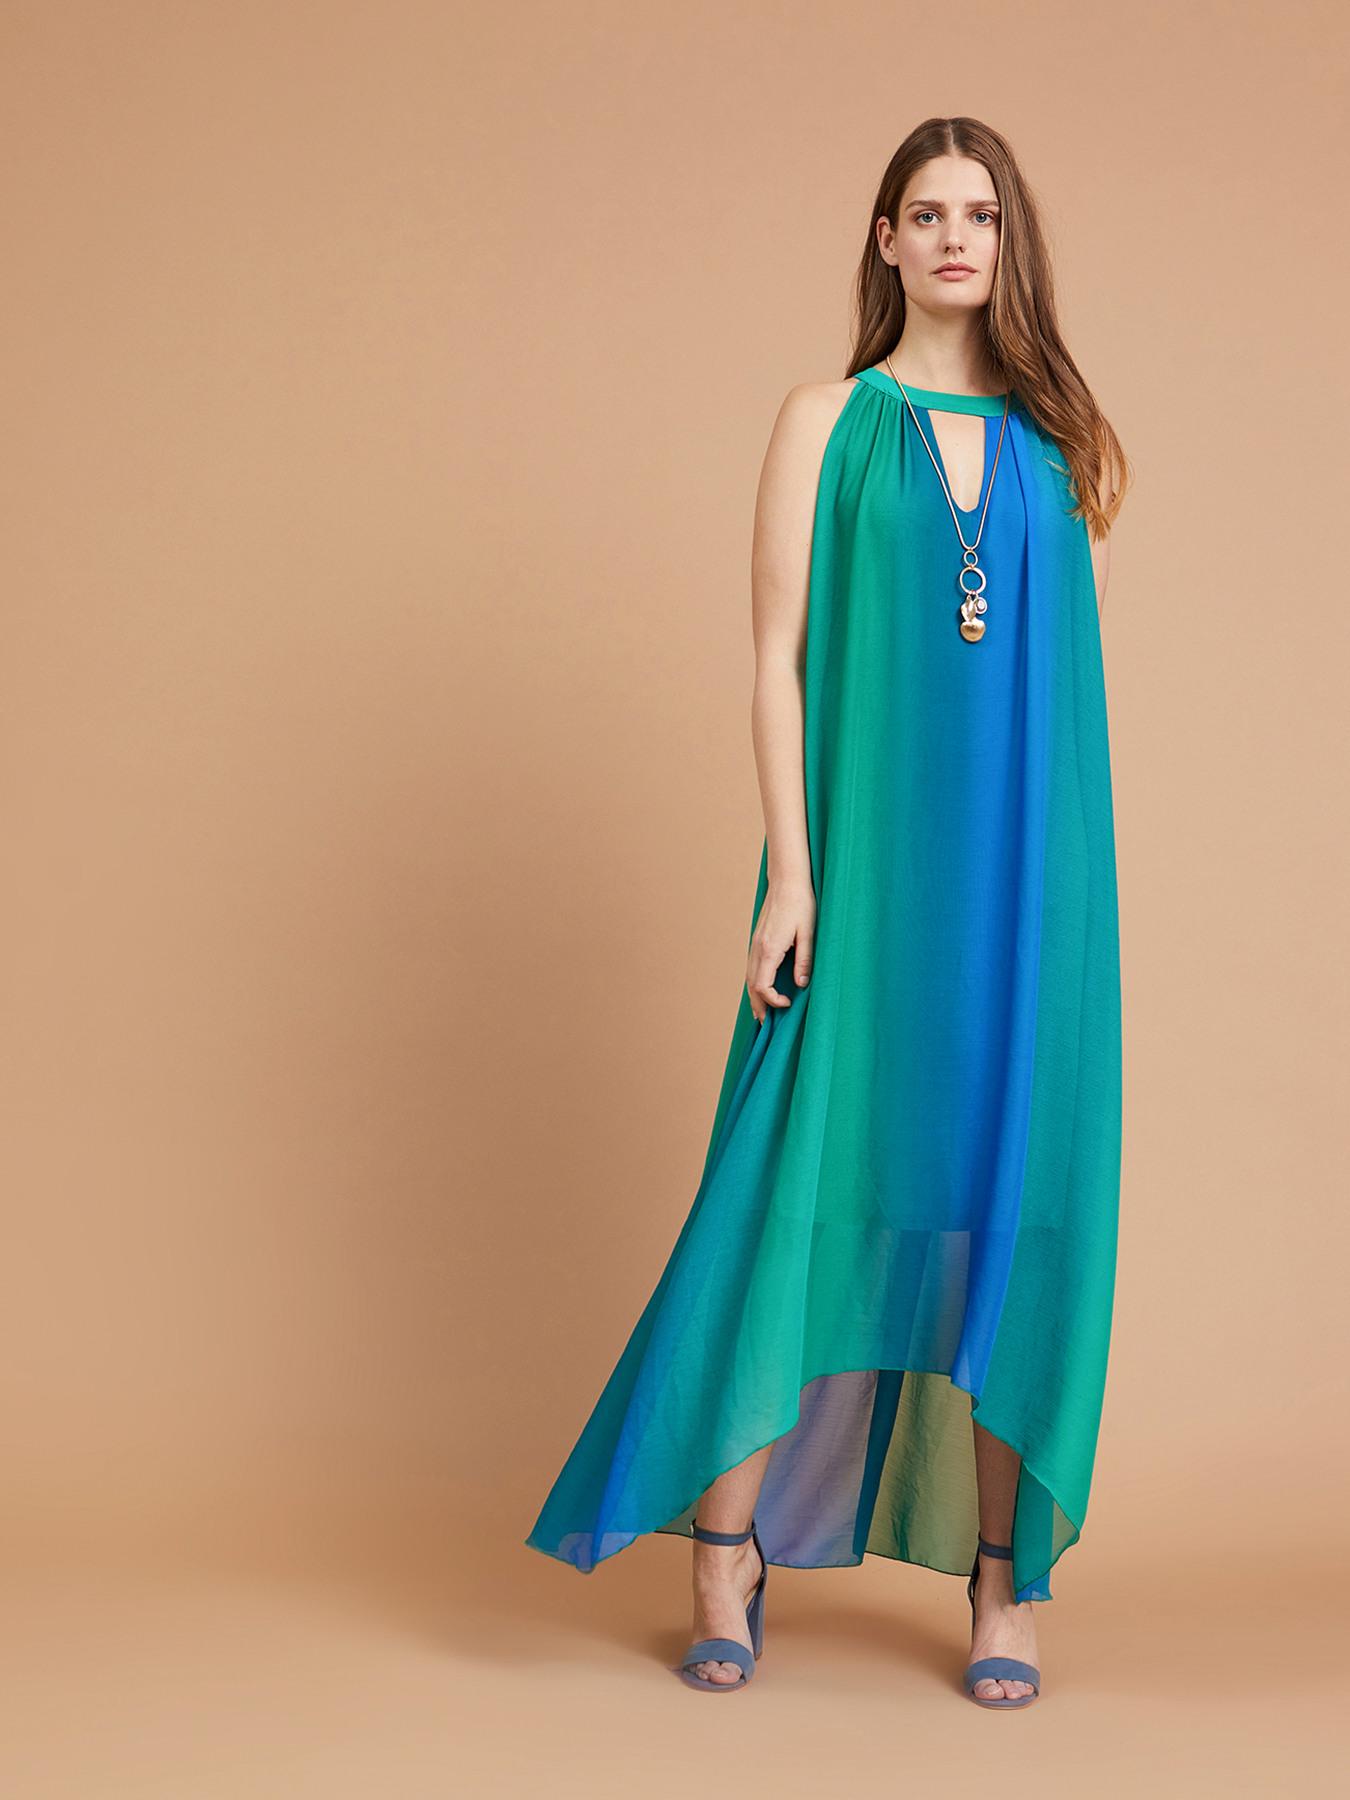 Vestiti Eleganti Fiorella Rubino.Long Ombre Dress Fiorella Rubino Gb